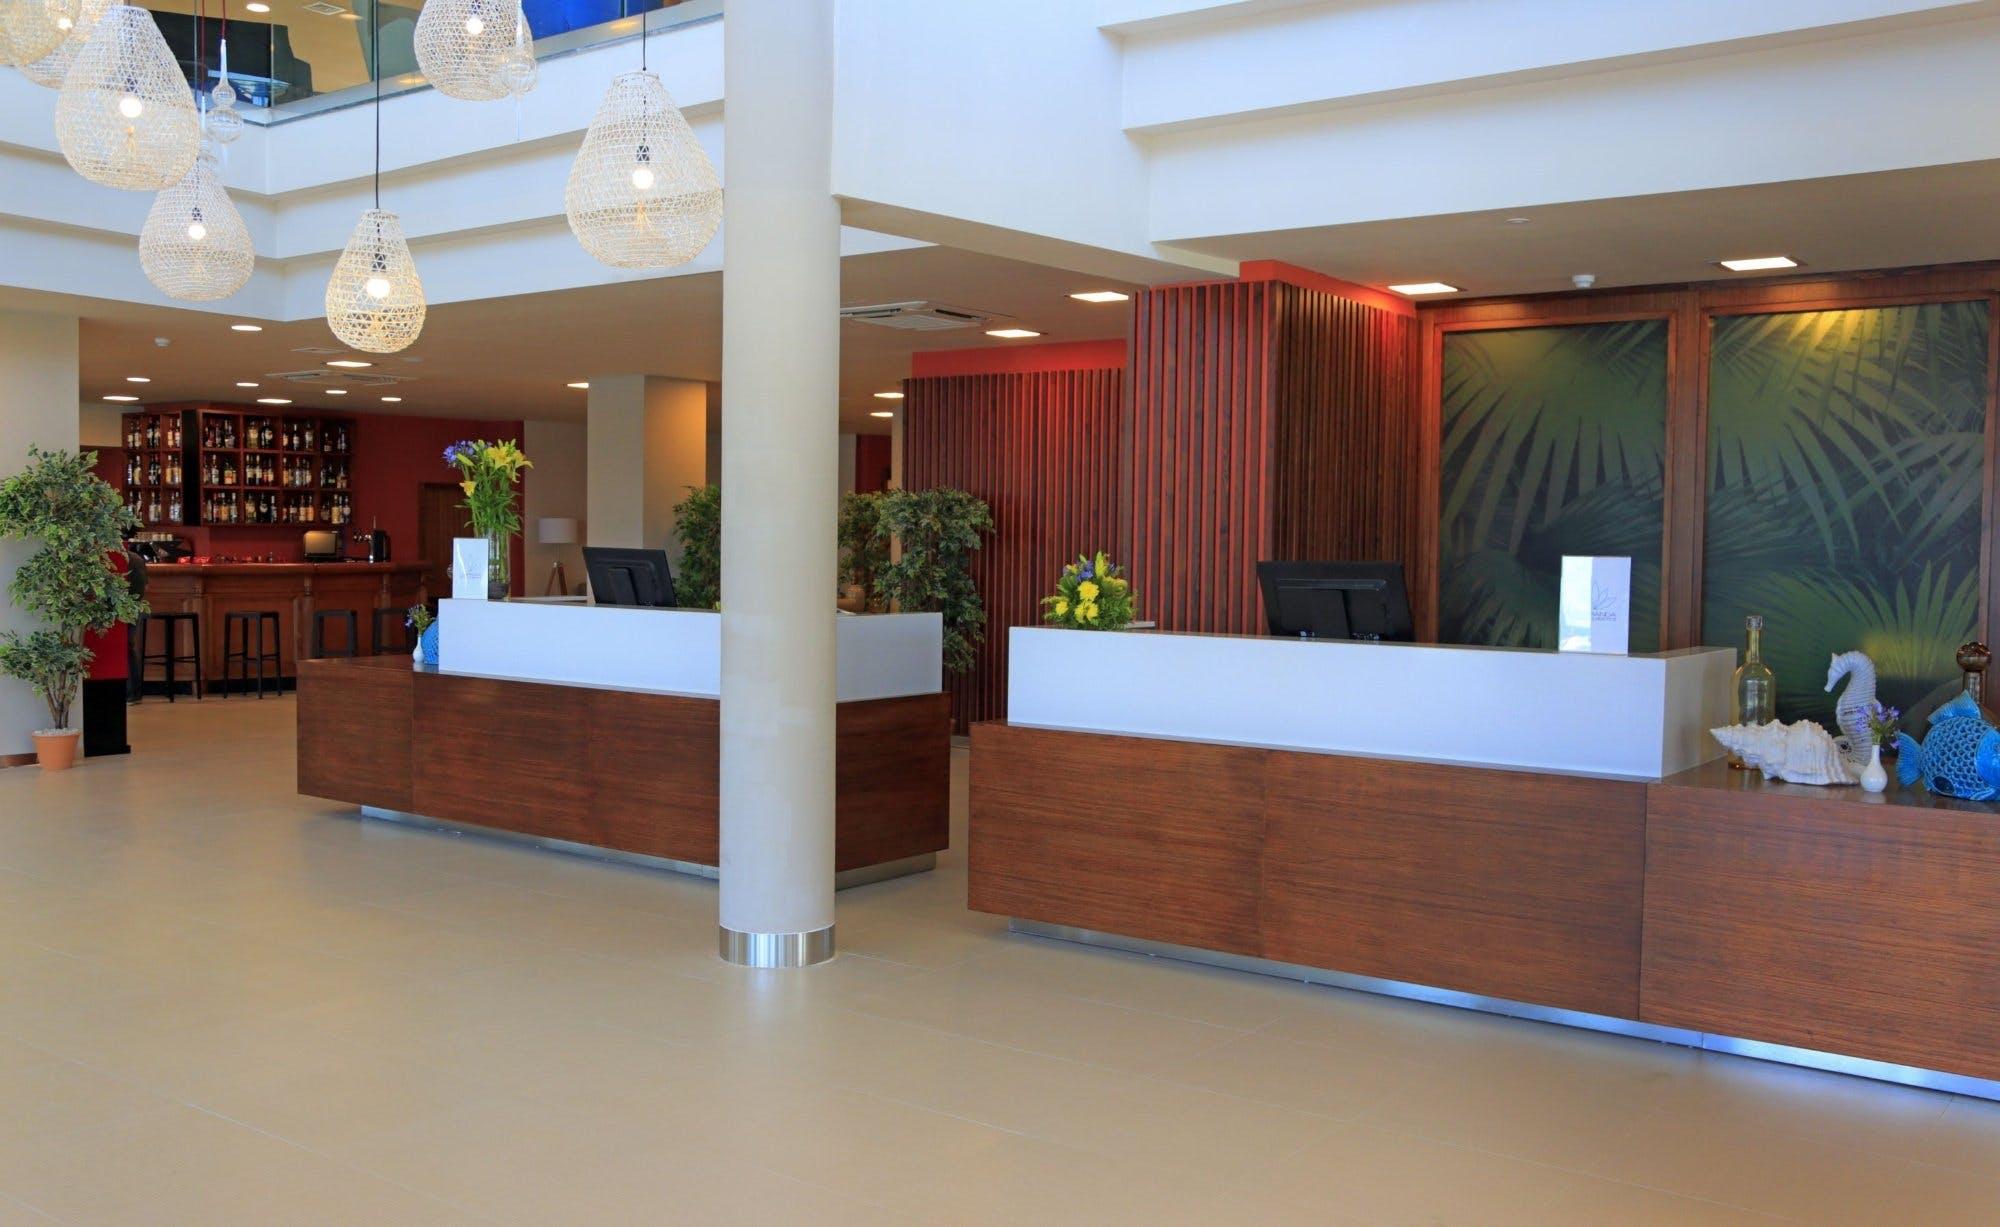 Labranda Riviera hotel and spa reception